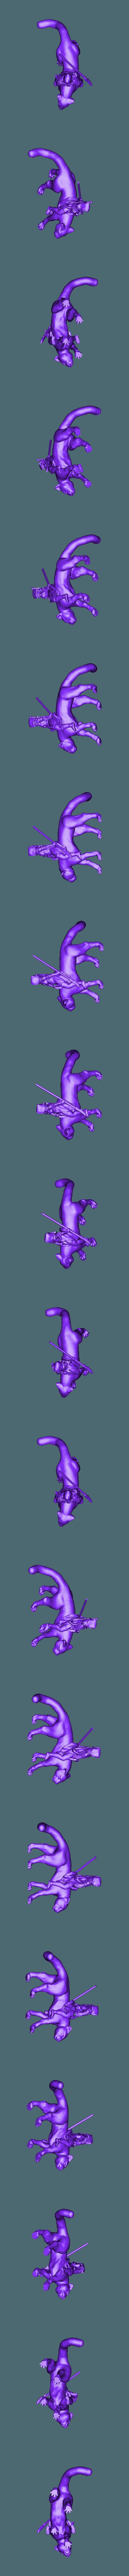 panther_rider_girl.stl Télécharger fichier STL gratuit Panther Rider Girl Miniature • Design pour impression 3D, Ilhadiel